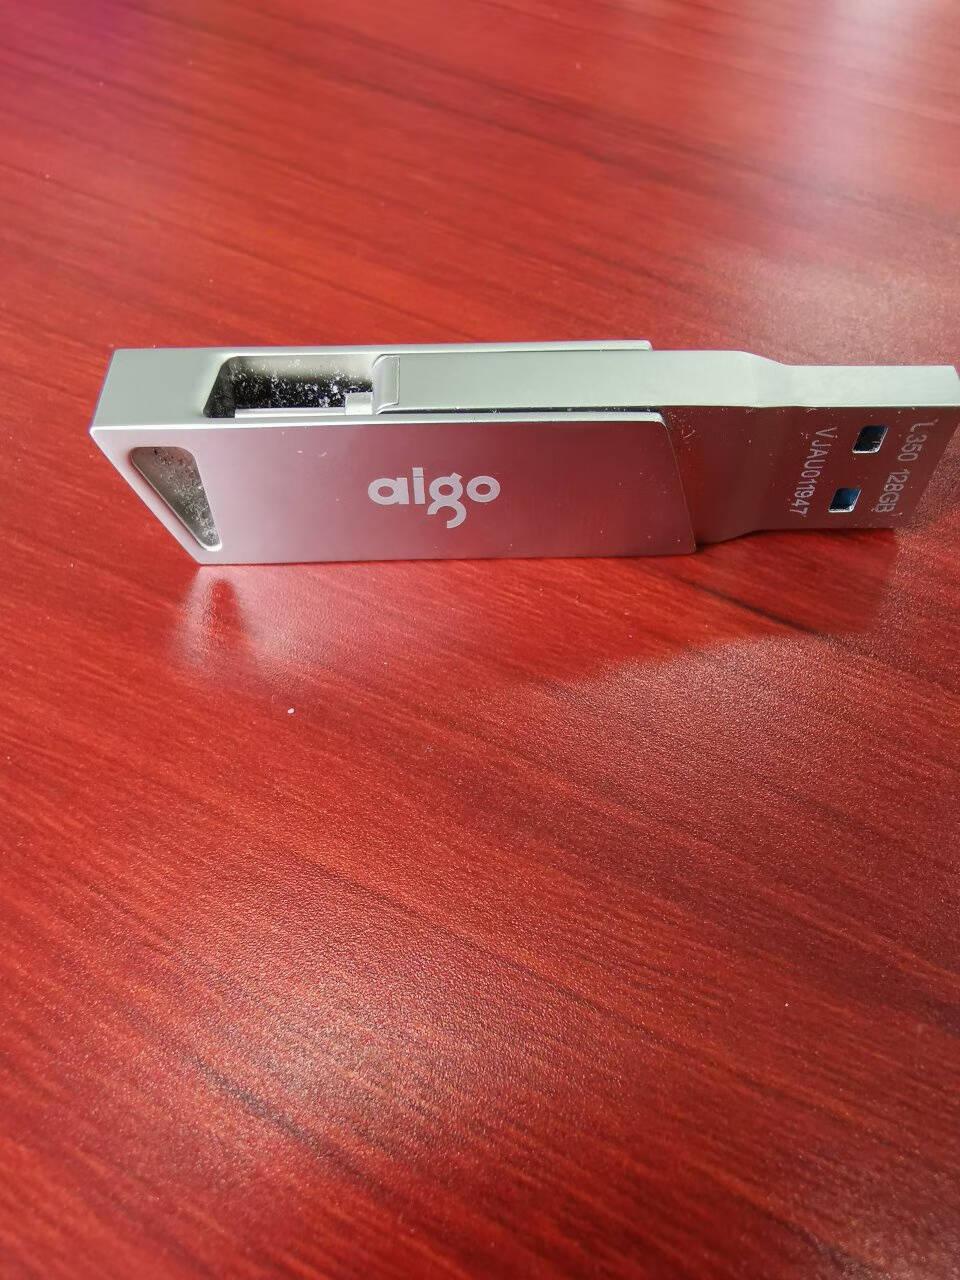 爱国者(aigo)128GBType-CUSB3.1手机U盘U358银色金属mini款双接口手机电脑用